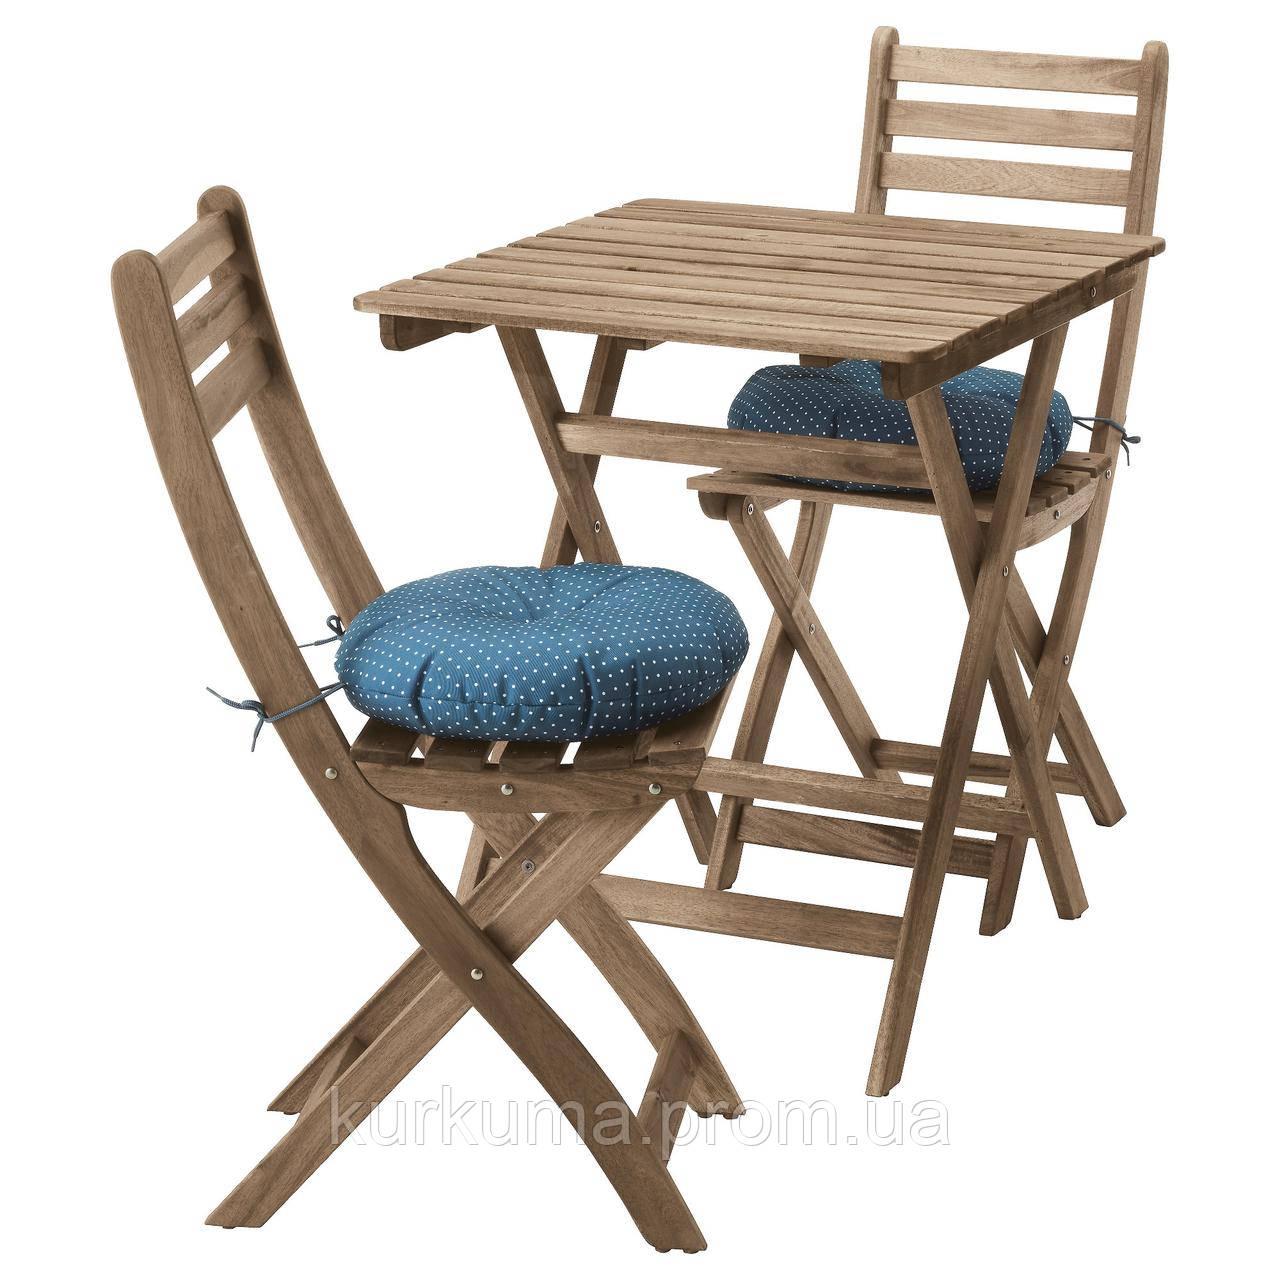 IKEA ASKHOLMEN Садовый стол и 2 раскладных стула, серо-коричневый серо-коричневая морилка, (291.835.32)